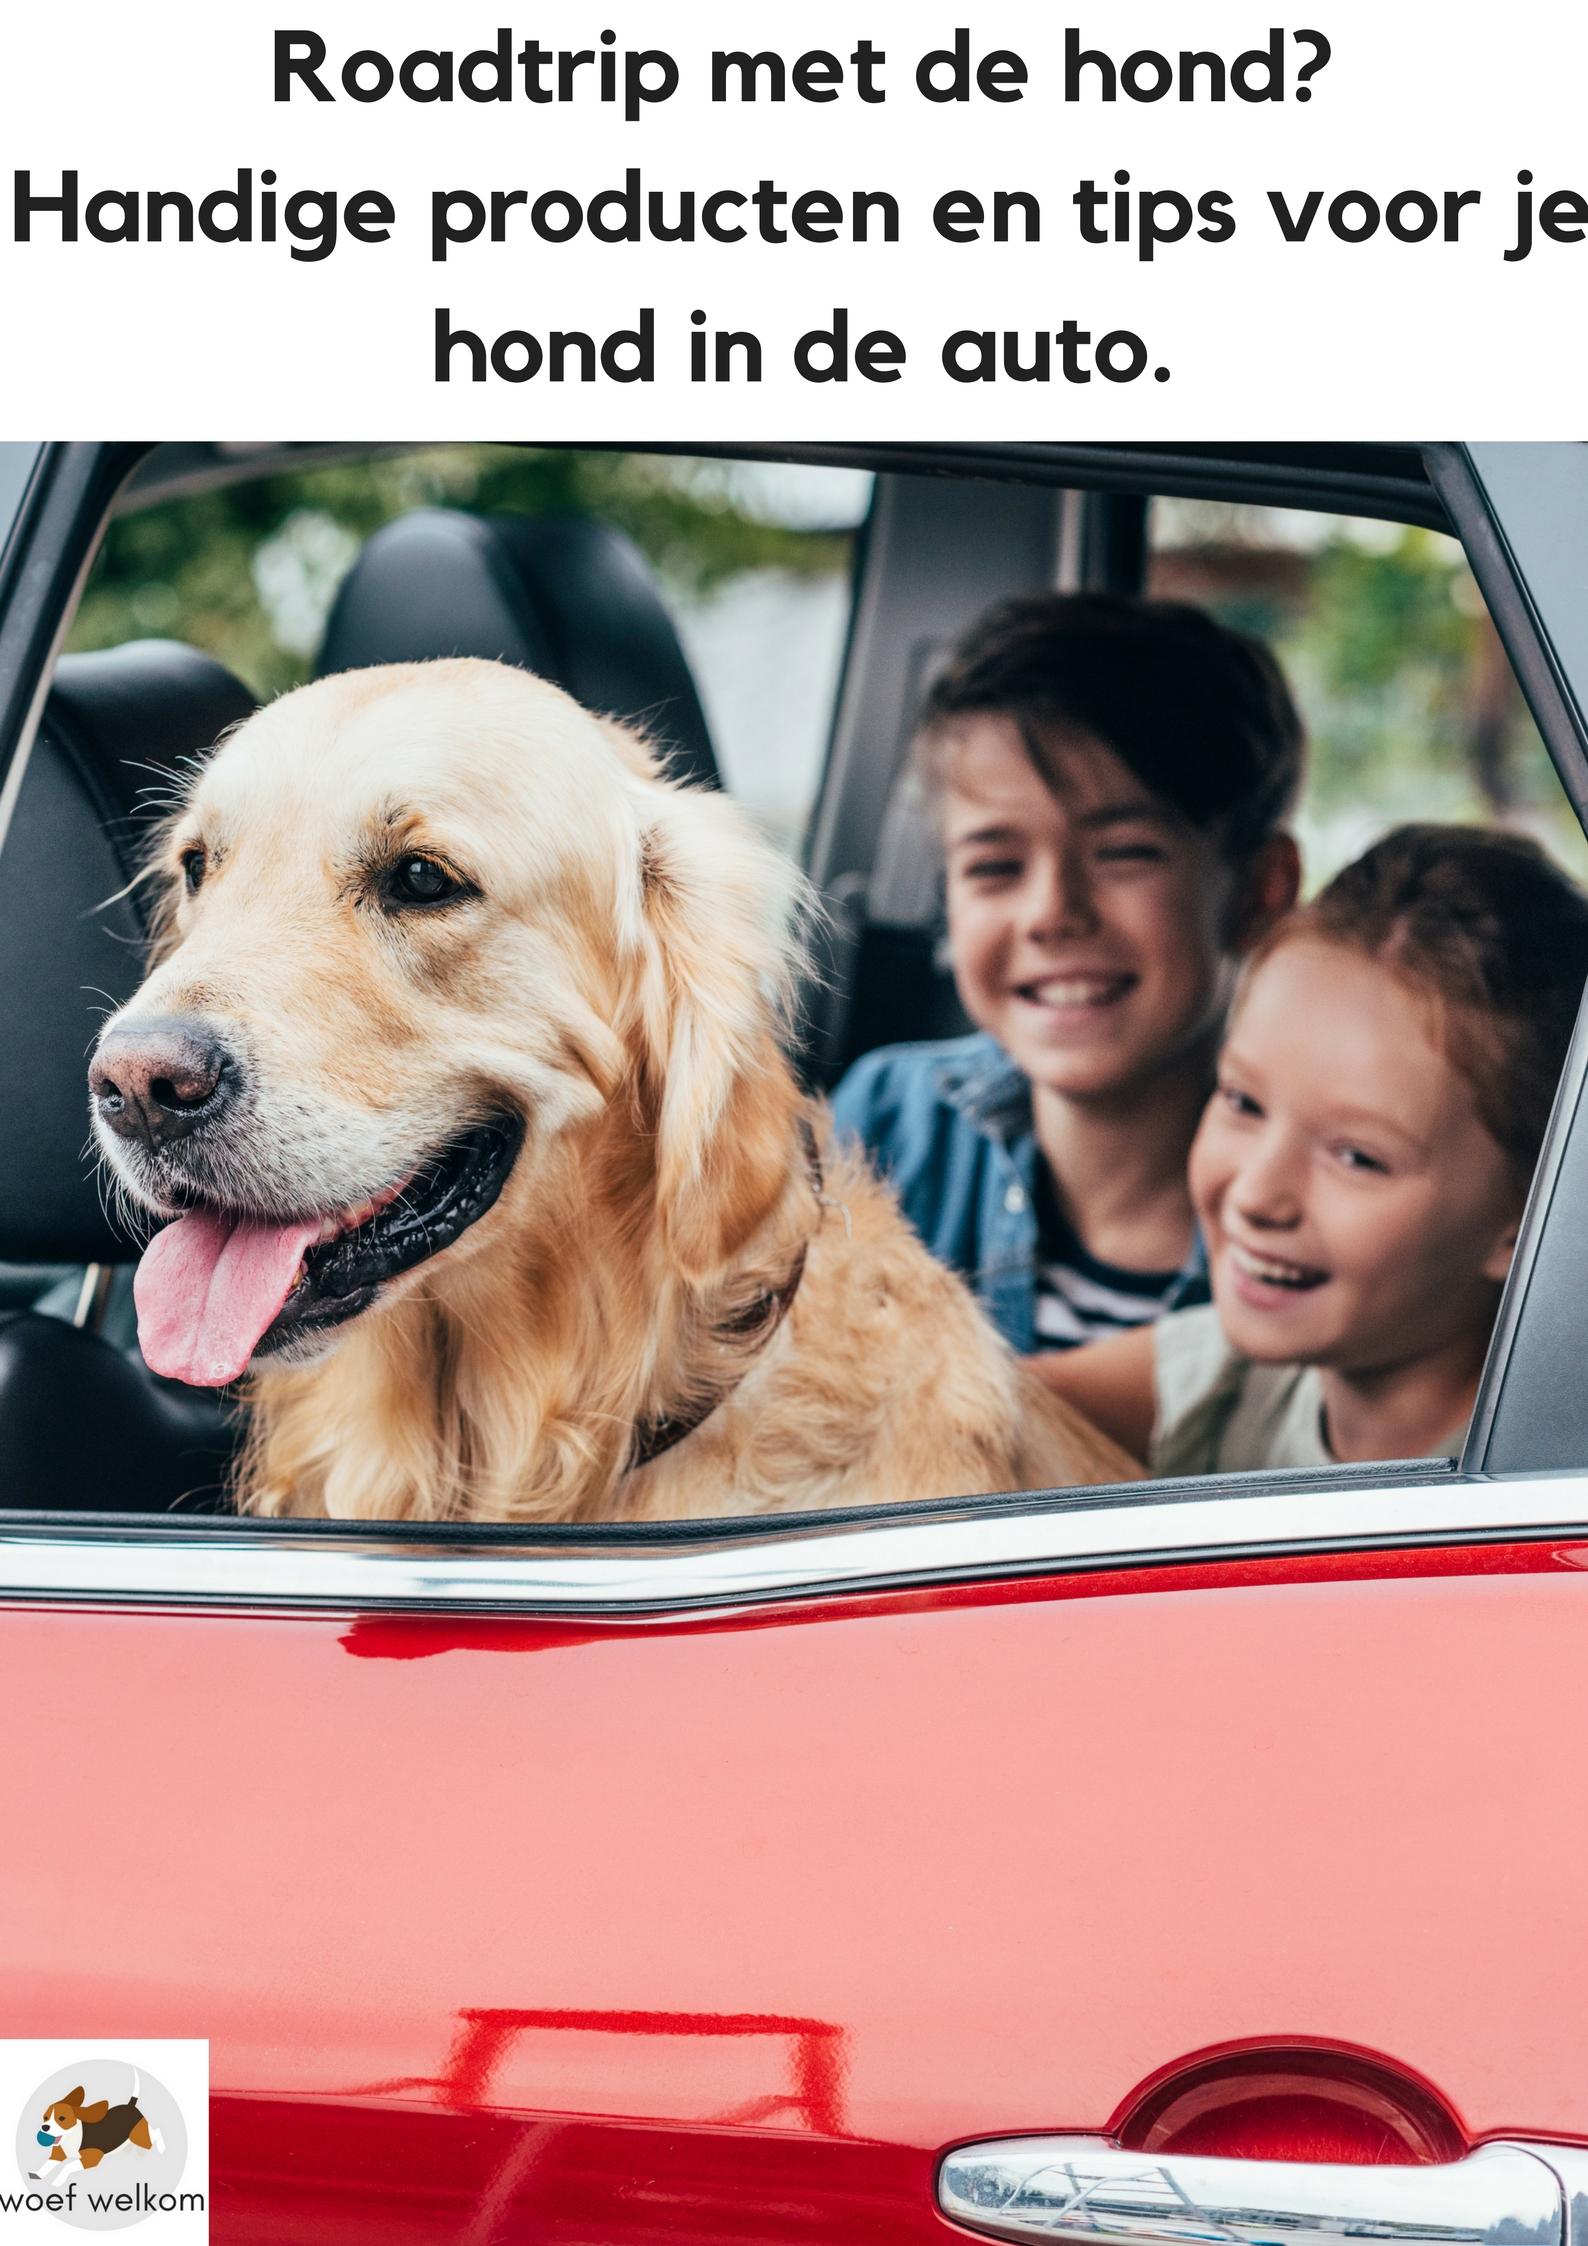 Roadtrip met de hond? Handige producten en tips voor je hond in de auto - Woef Welkom